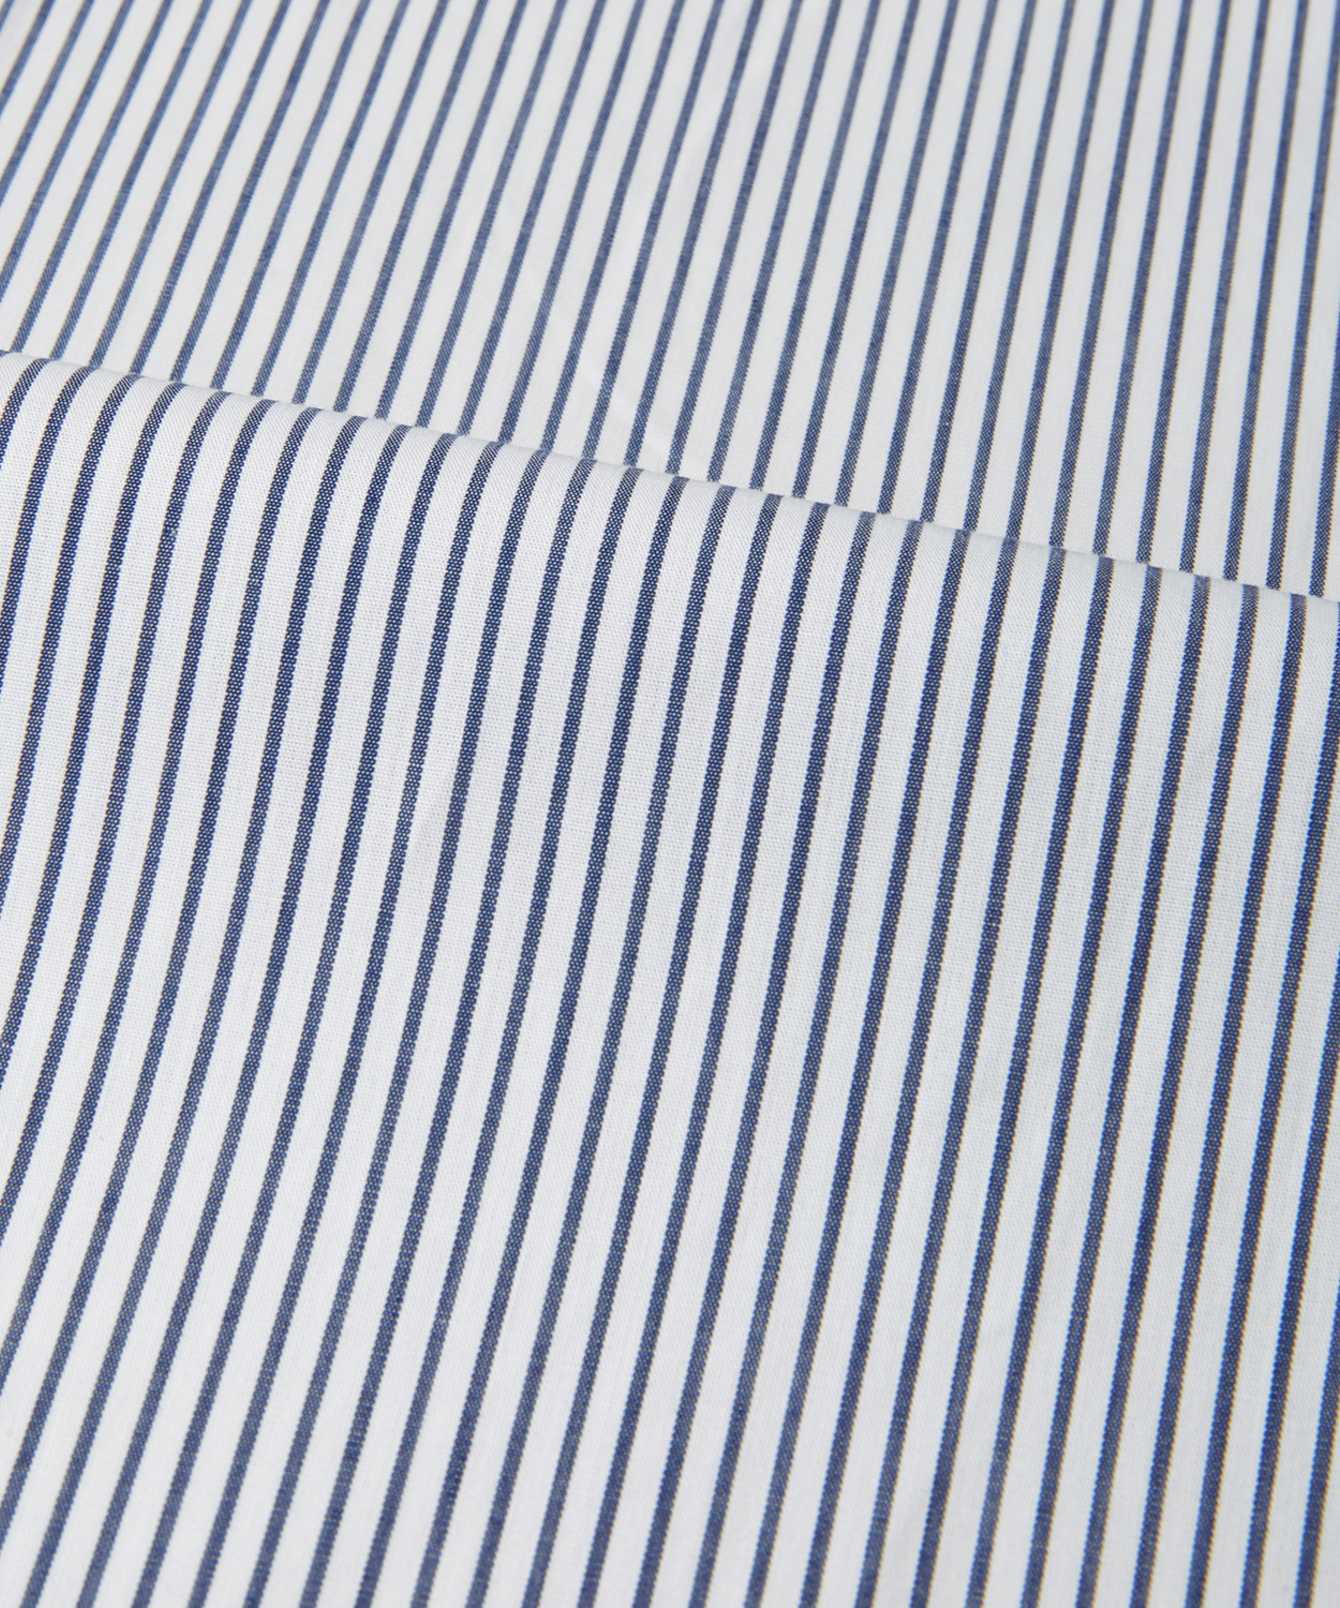 Skjorta Mickan Lennox The Shirt Factory